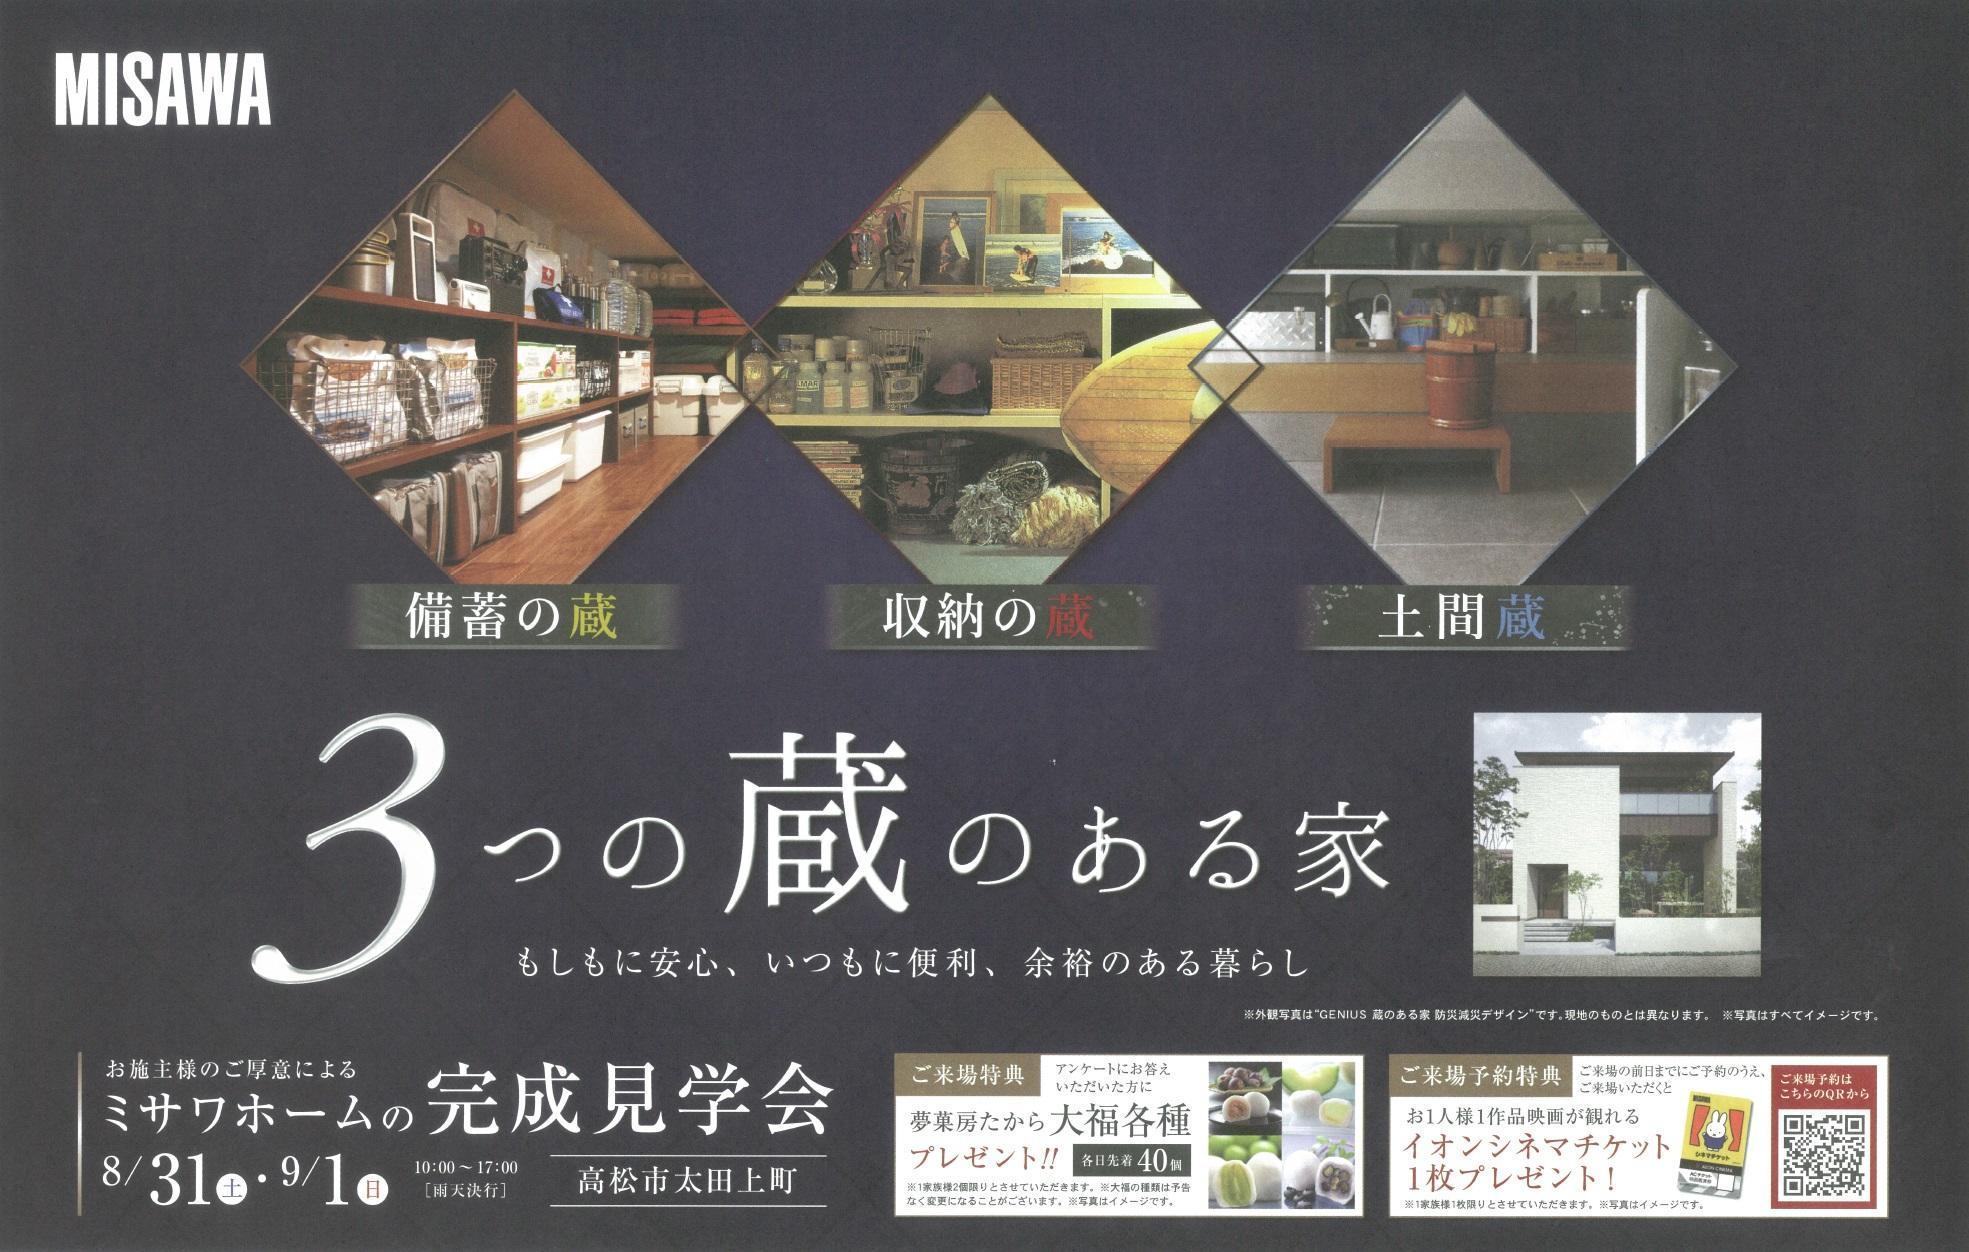 http://shikoku.misawa.co.jp/br_takamatsu/03436cf0ba970c28c184ea93640709a36c625bc4.jpg